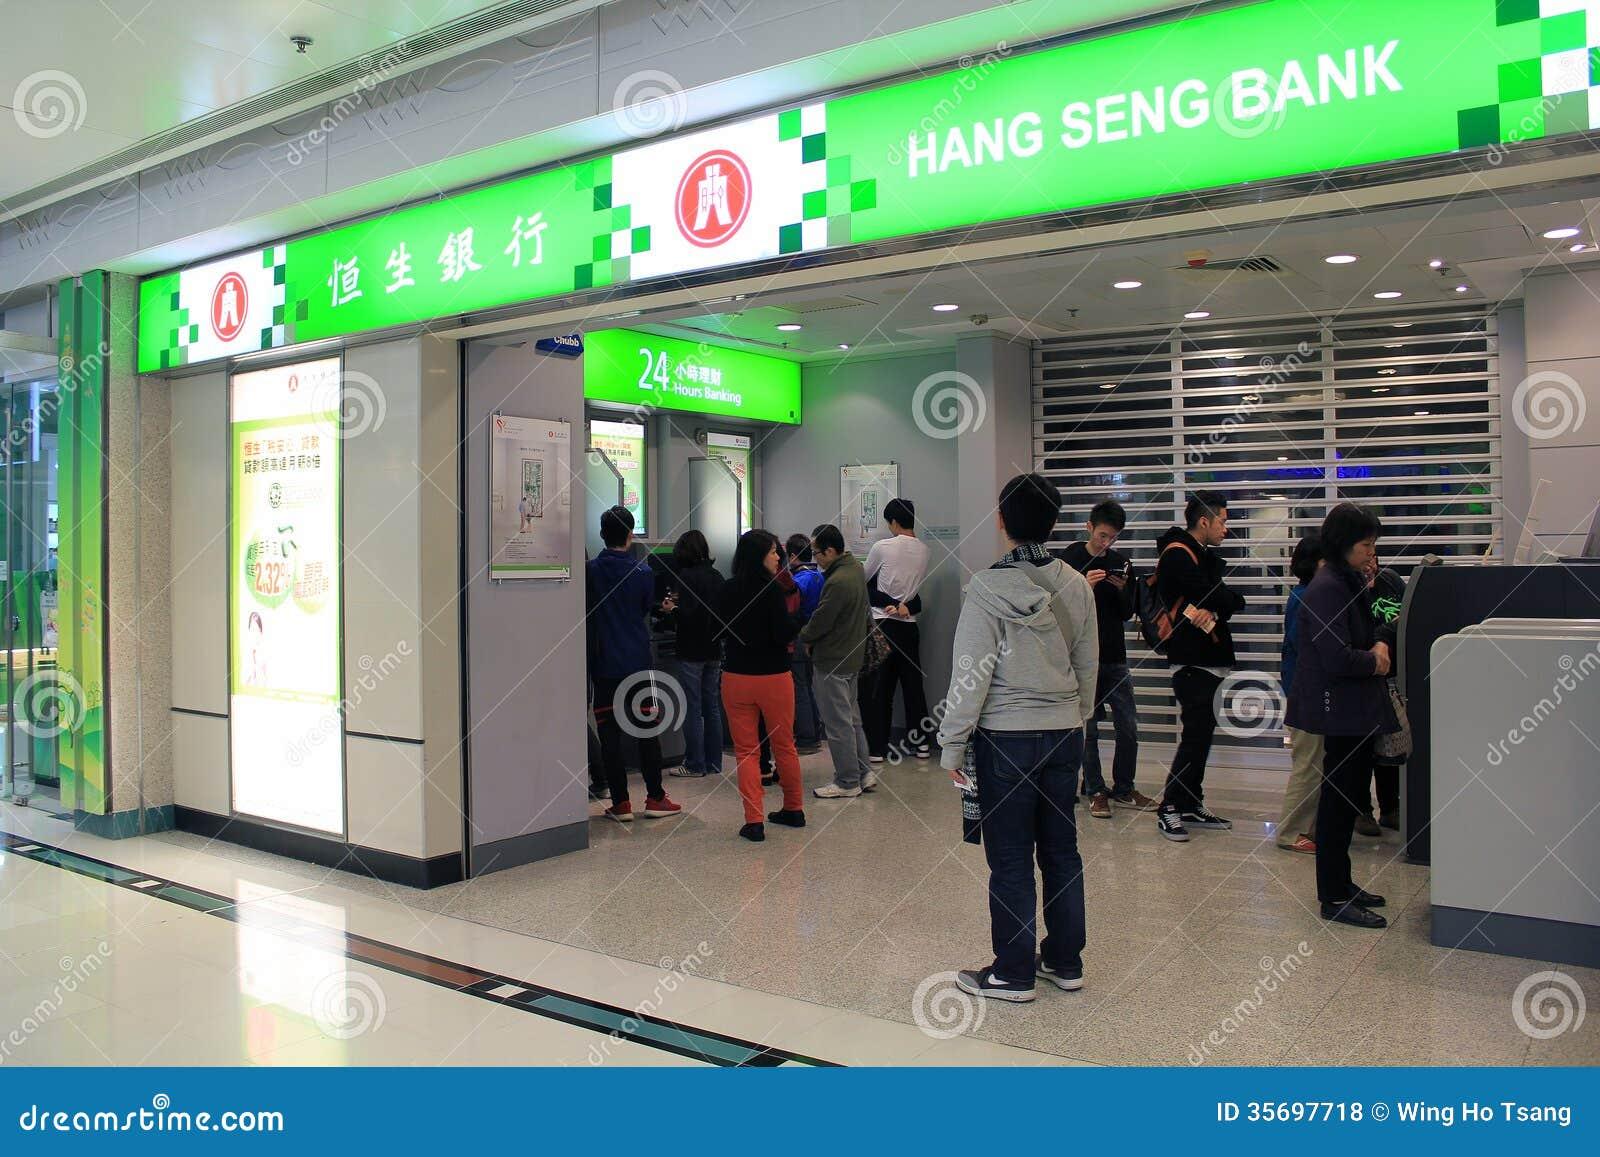 Hang Seng Bank in Metro City Plaza, Hong Kong. Hang Seng Bank is the